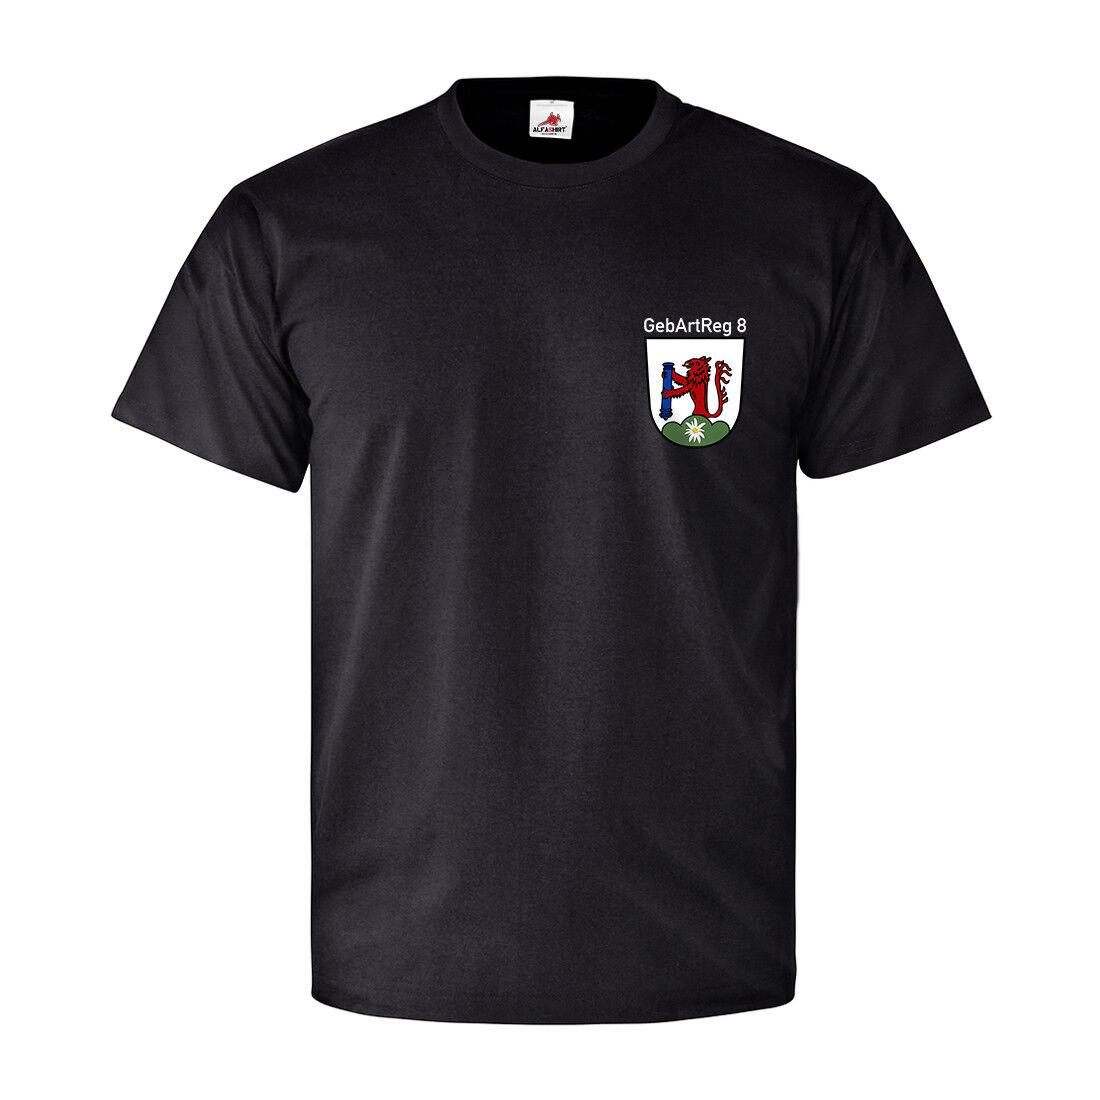 GebArtRgt 8 Gebirgs Artillerie Regiment Regiment Regiment Gebirgsartillerieregiment T Shirt  26835 393ba8